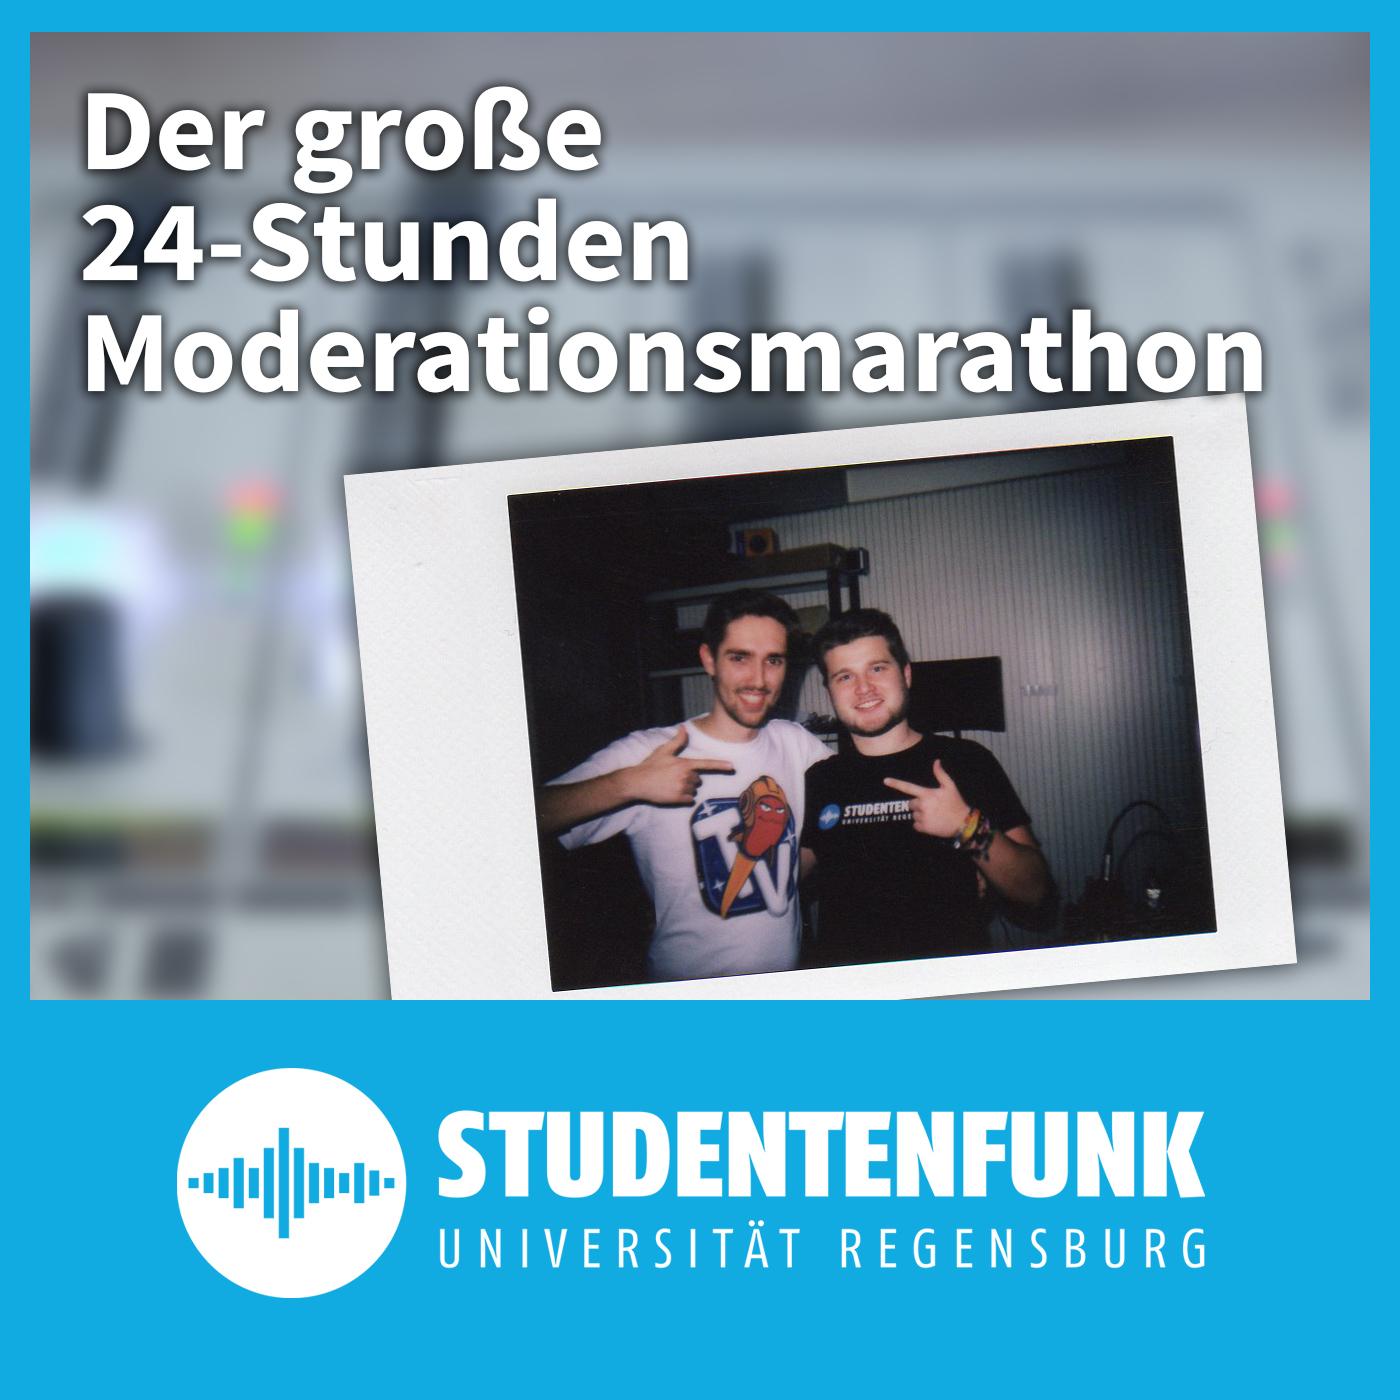 Der große 24-Stunden Moderationsmarathon – Studentenfunk Regensburg